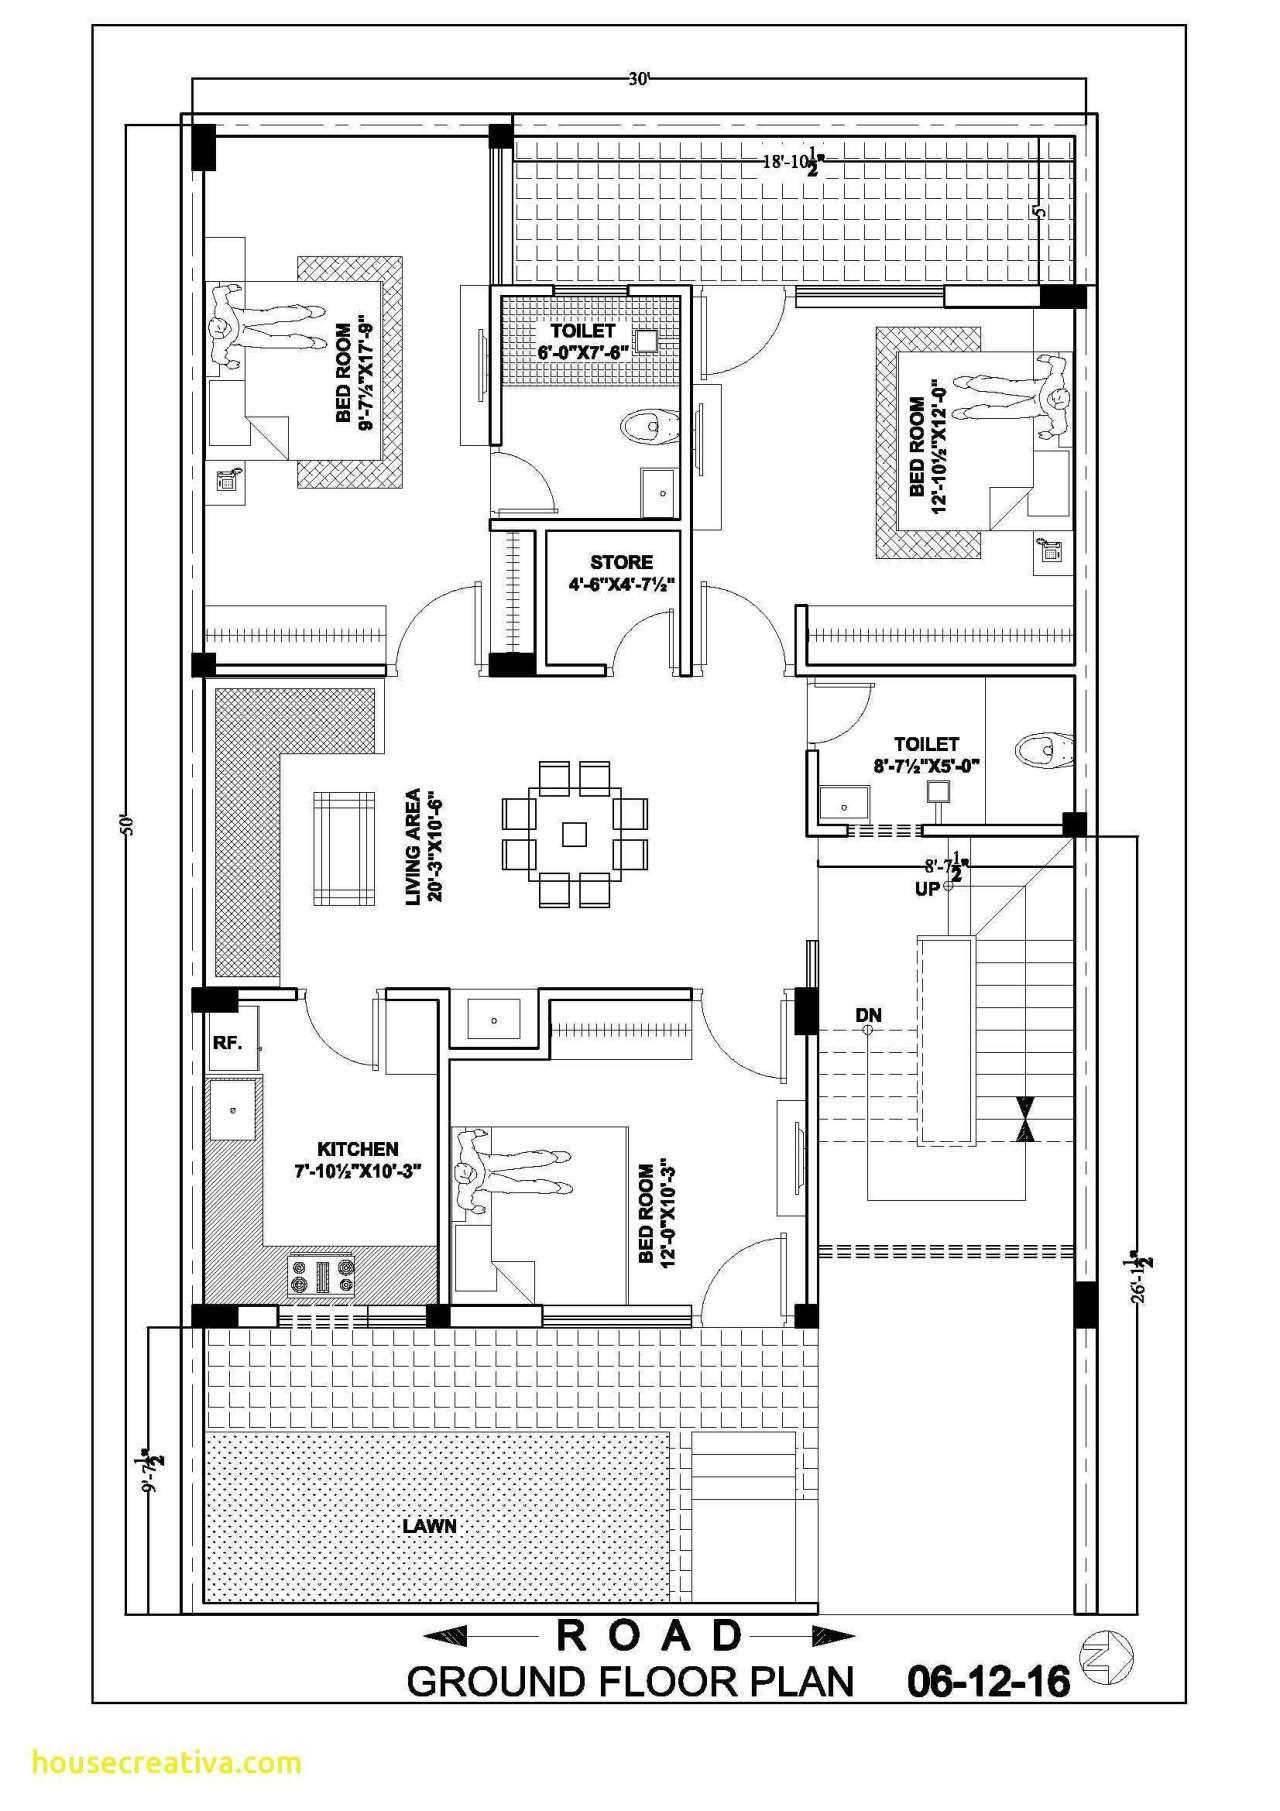 3 Bhk Duplex House Plan Elegant 30 50 Ground Floor Plan ...